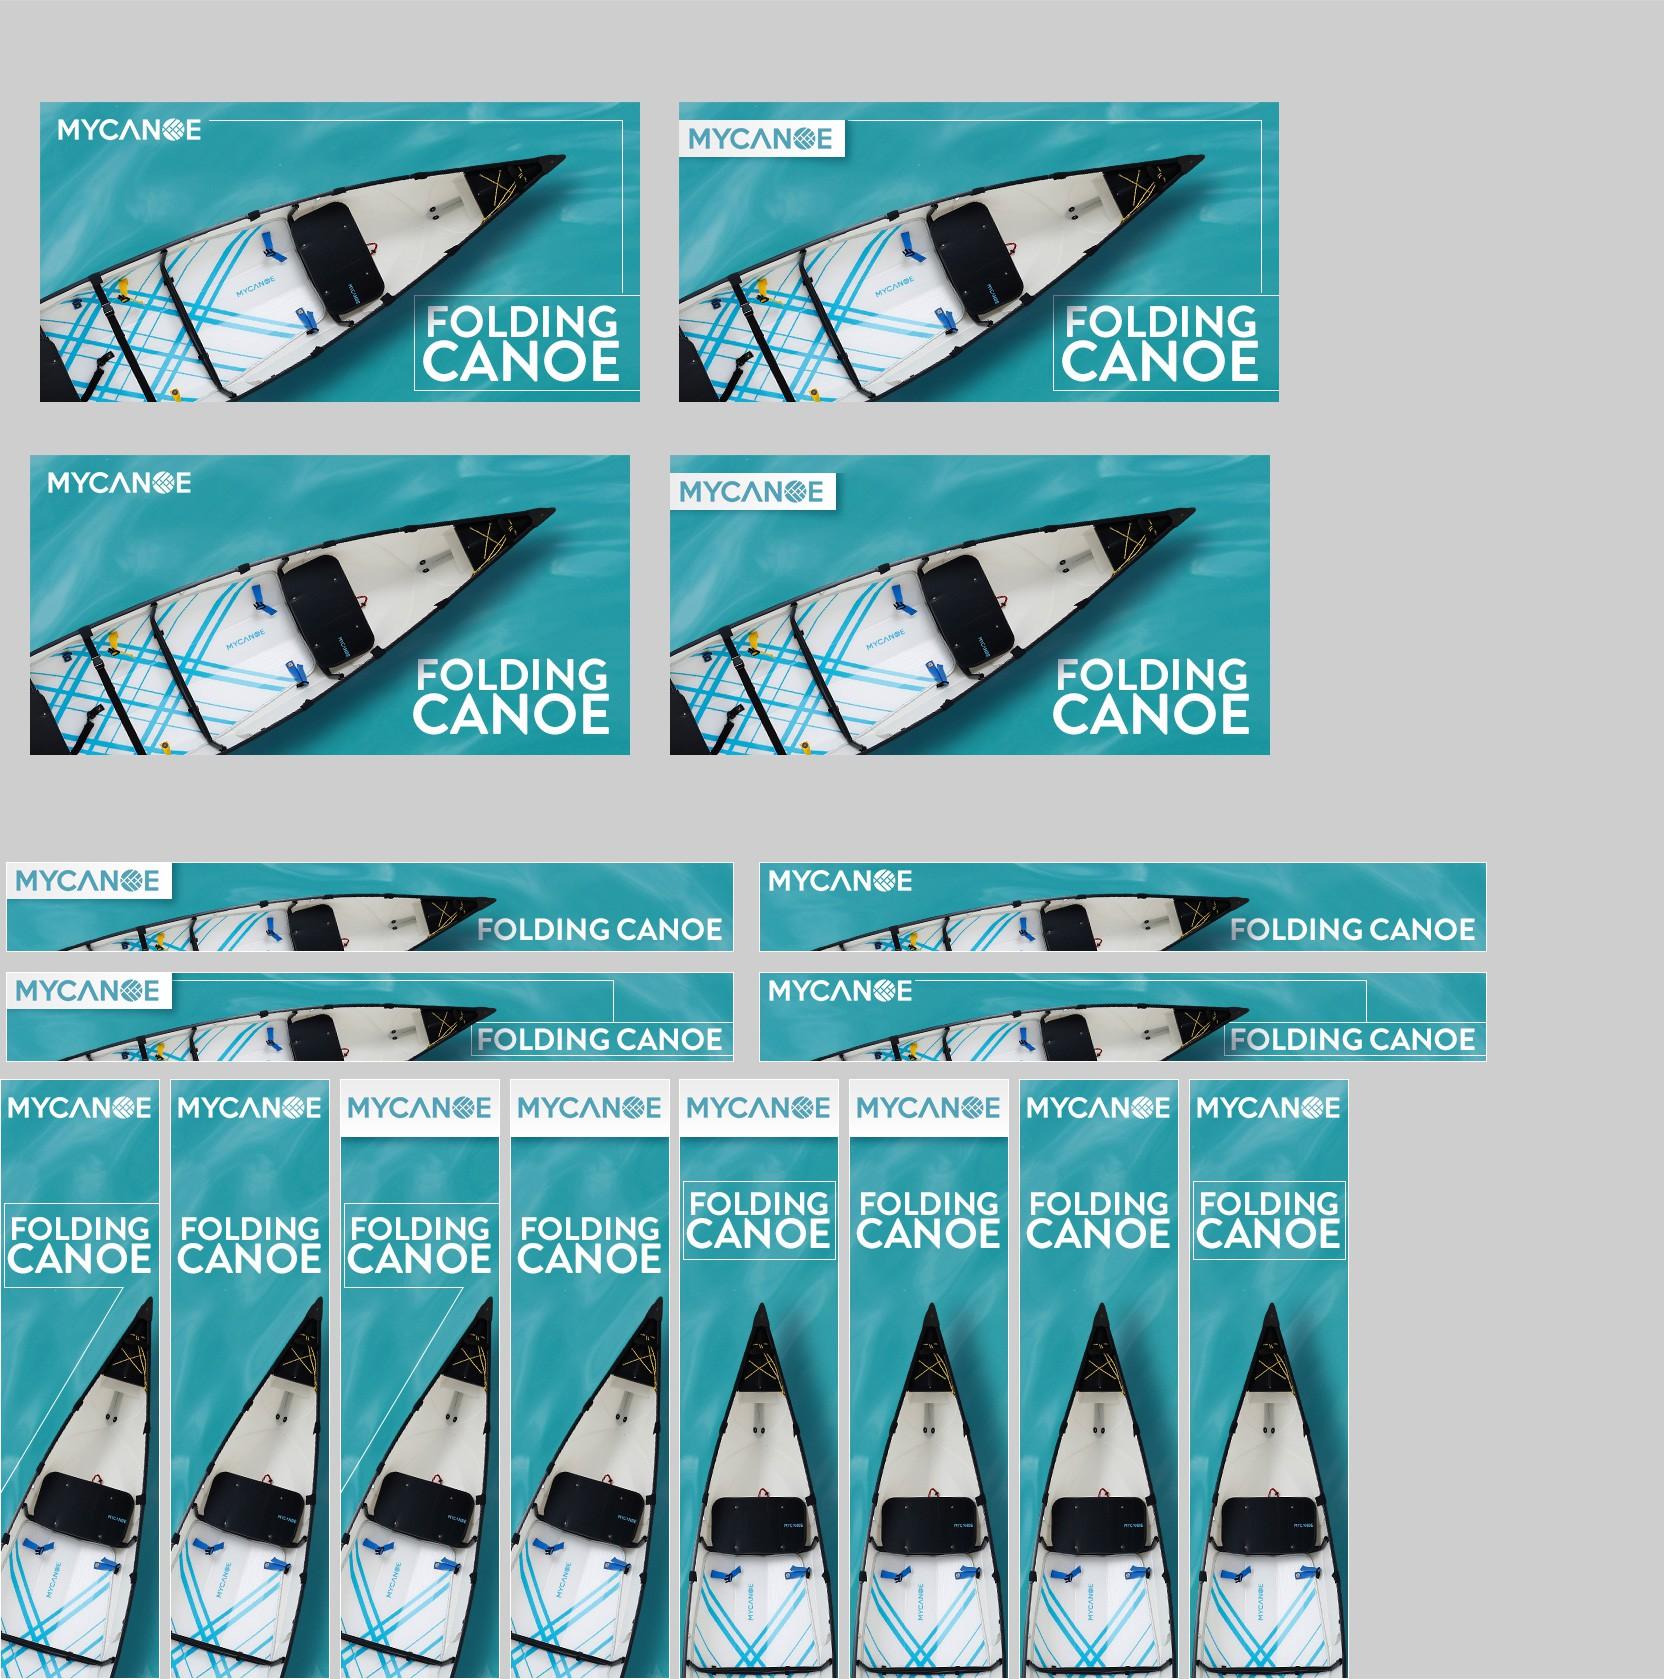 Two banner designs for Google remarketing ads (folding canoe - MYCANOE)